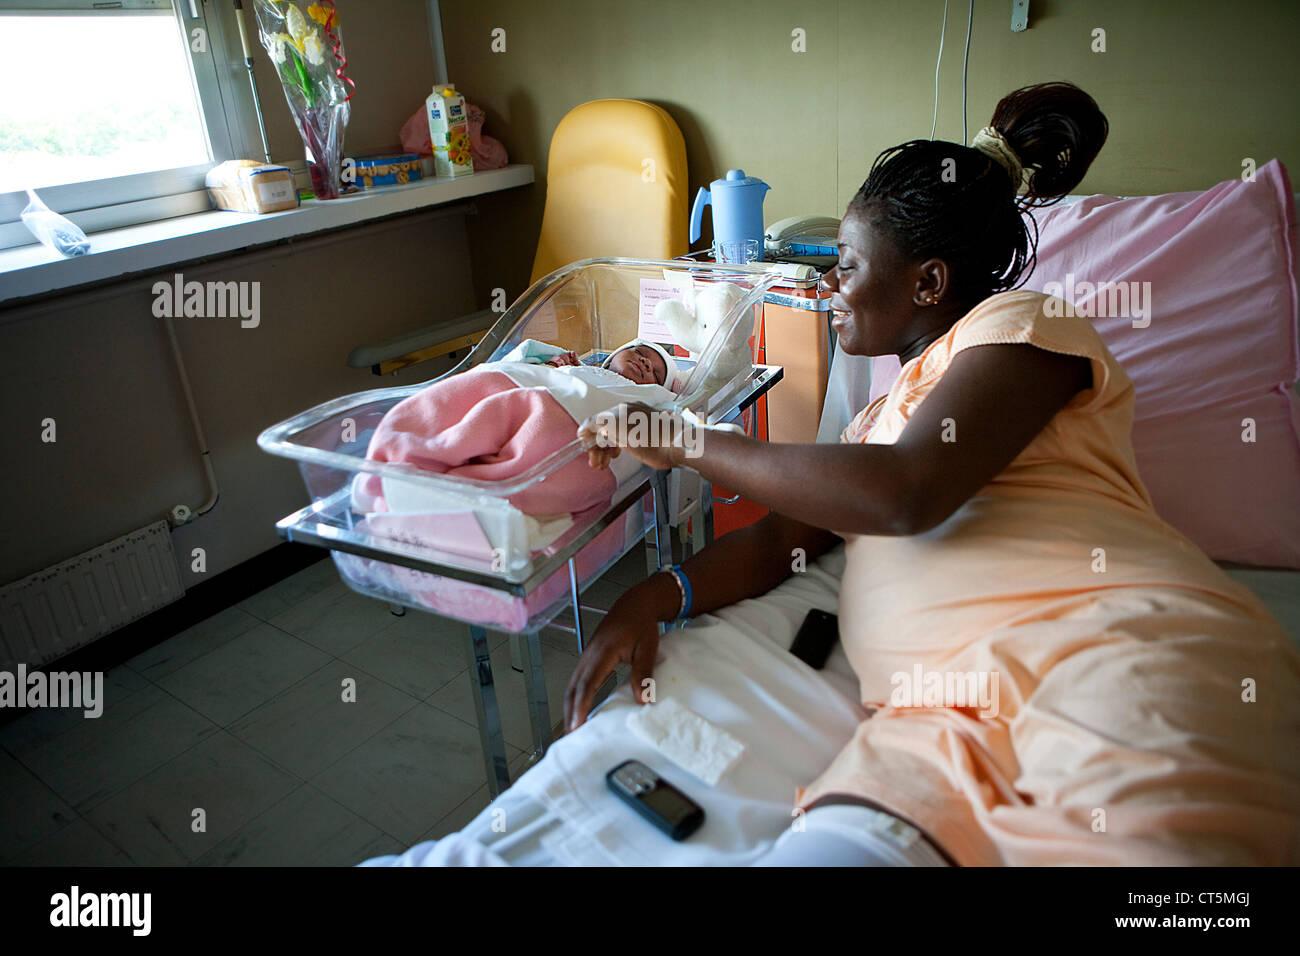 La madre e il neonato Immagini Stock